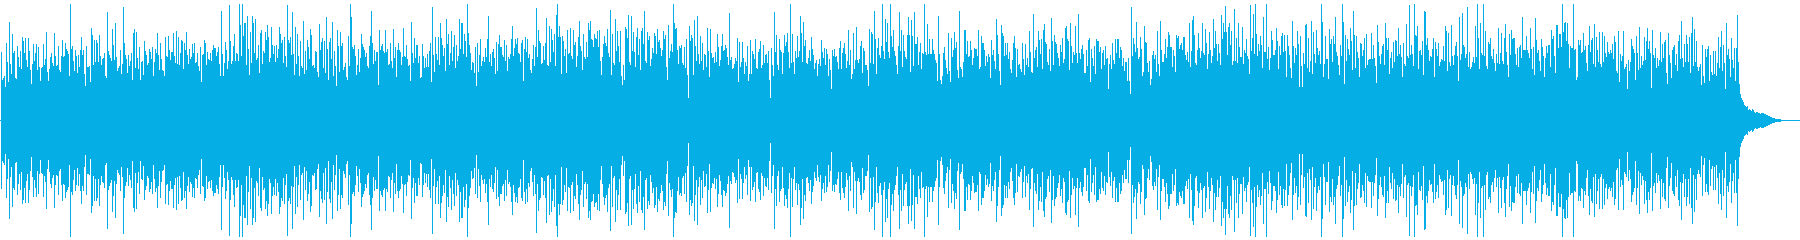 ピアノソロ、ブルーグラスBGMの再生済みの波形